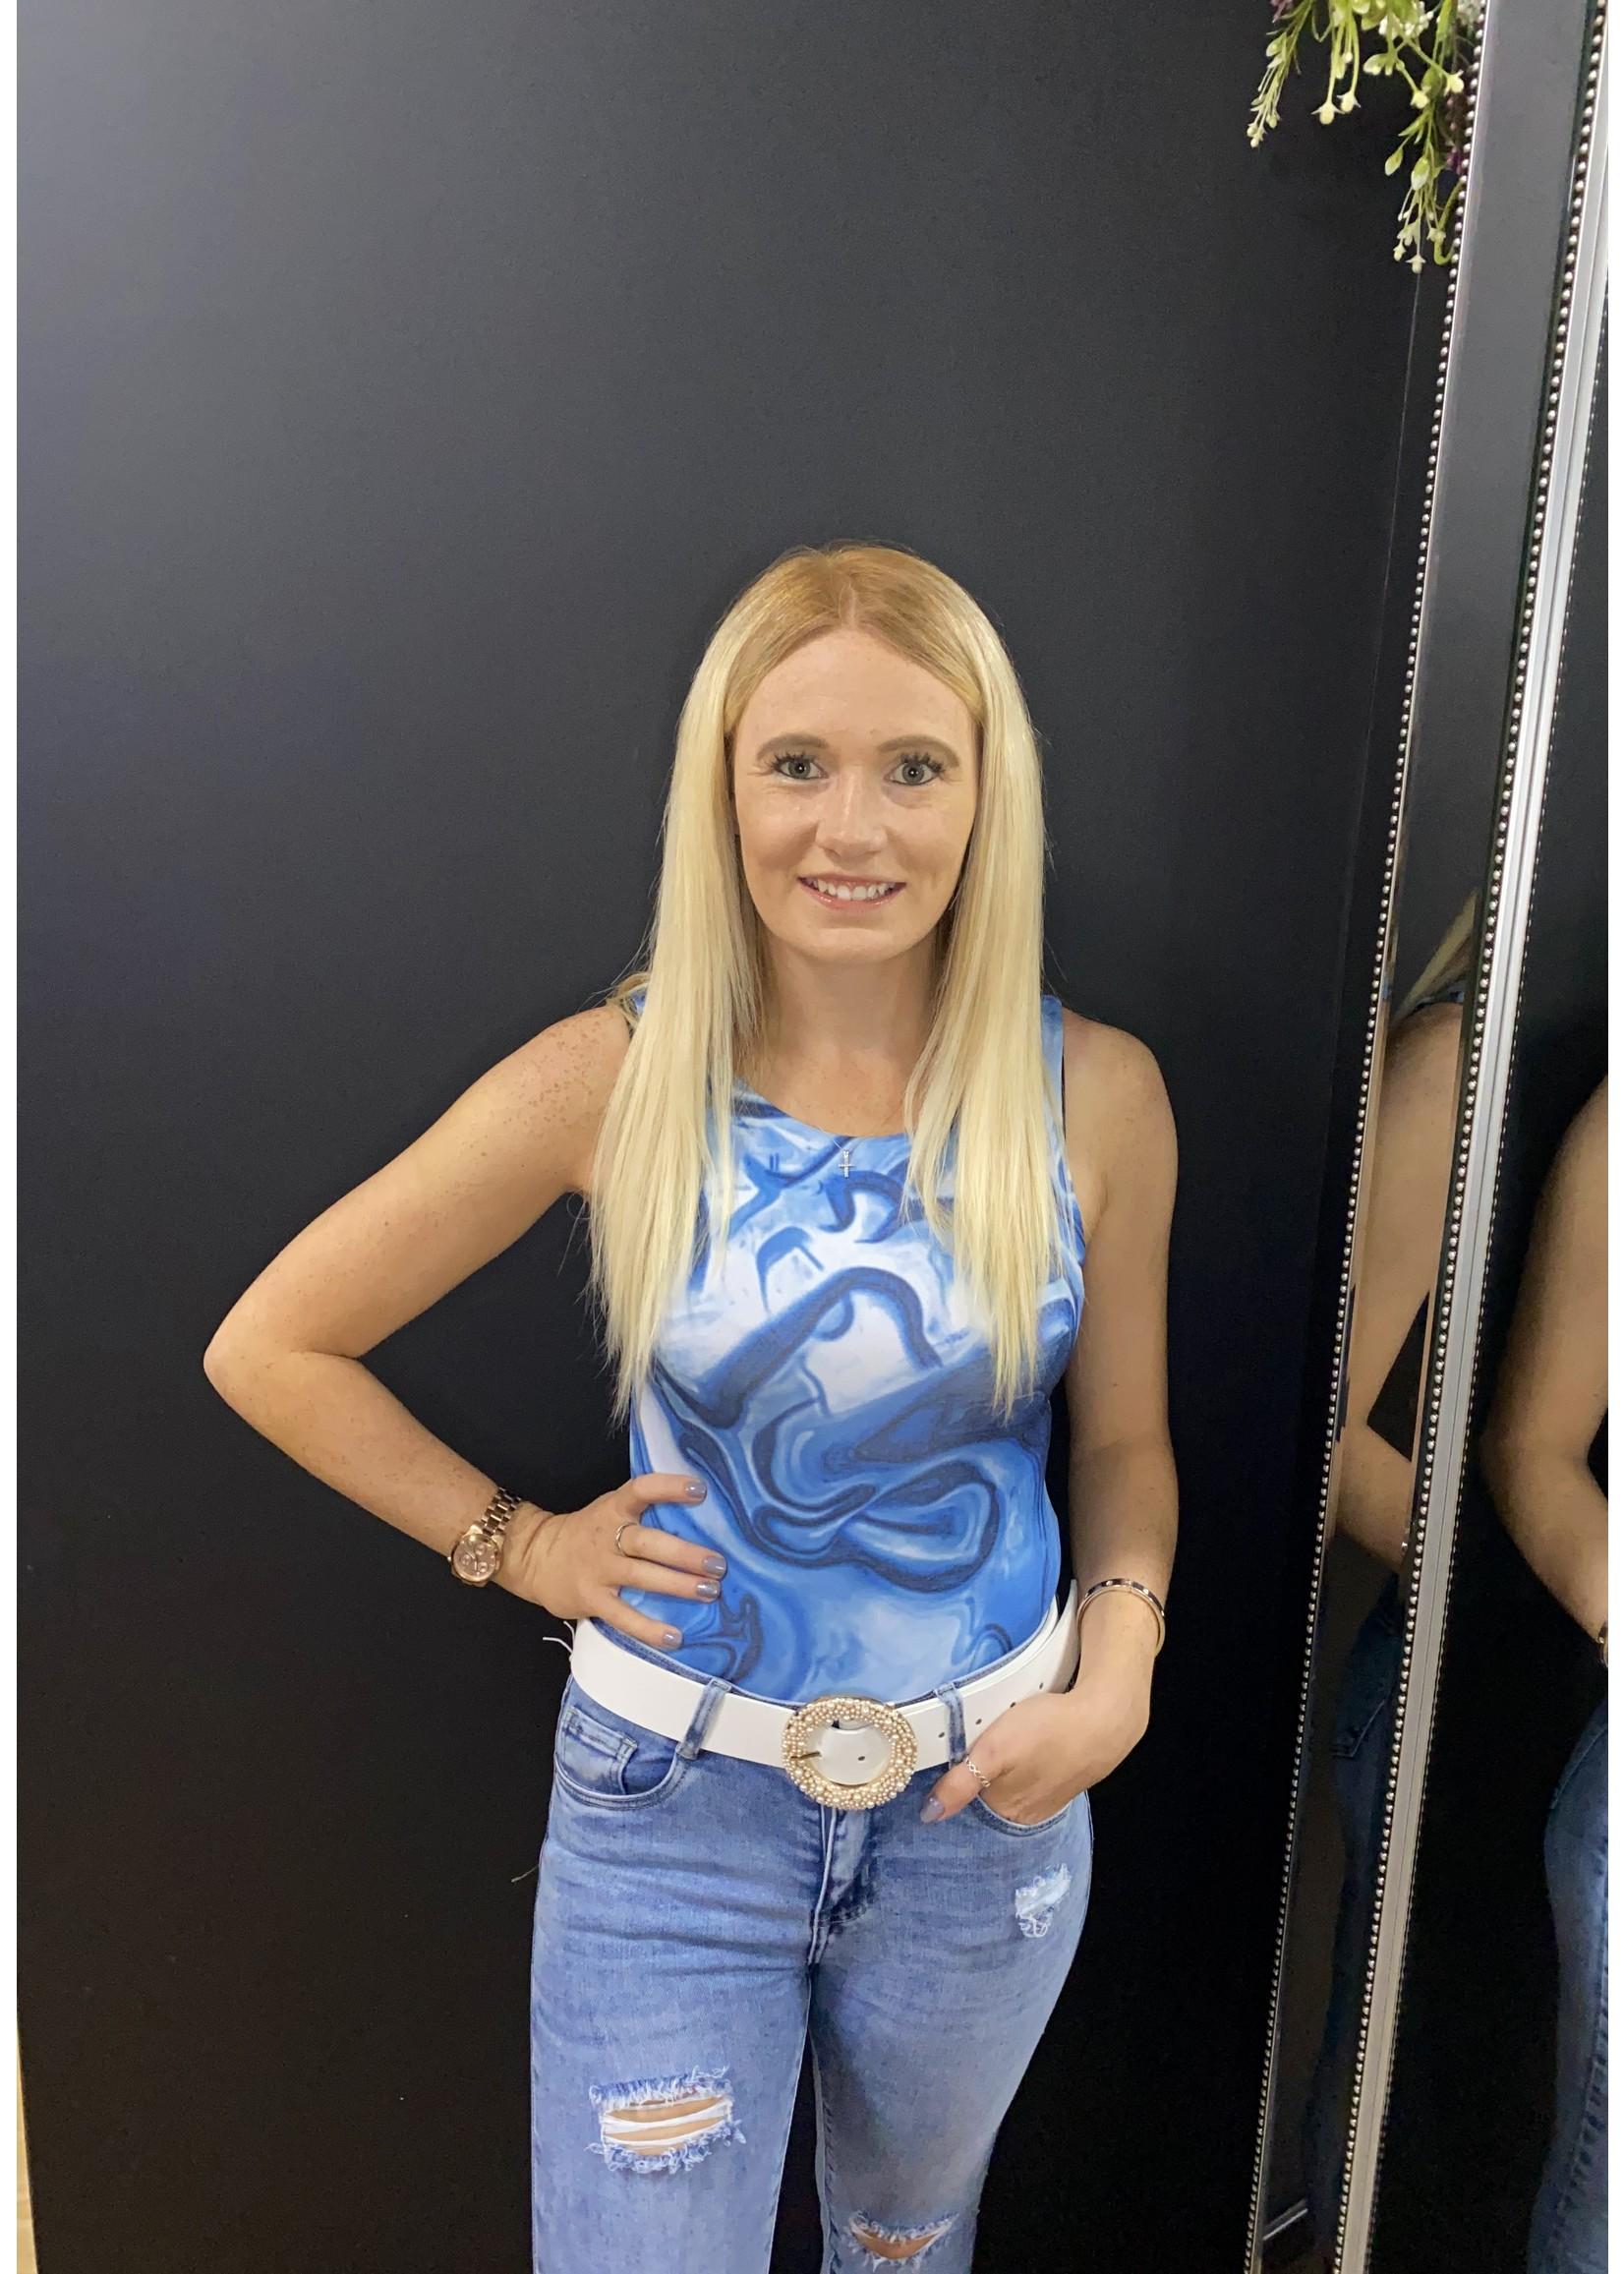 Brianna bodysuit